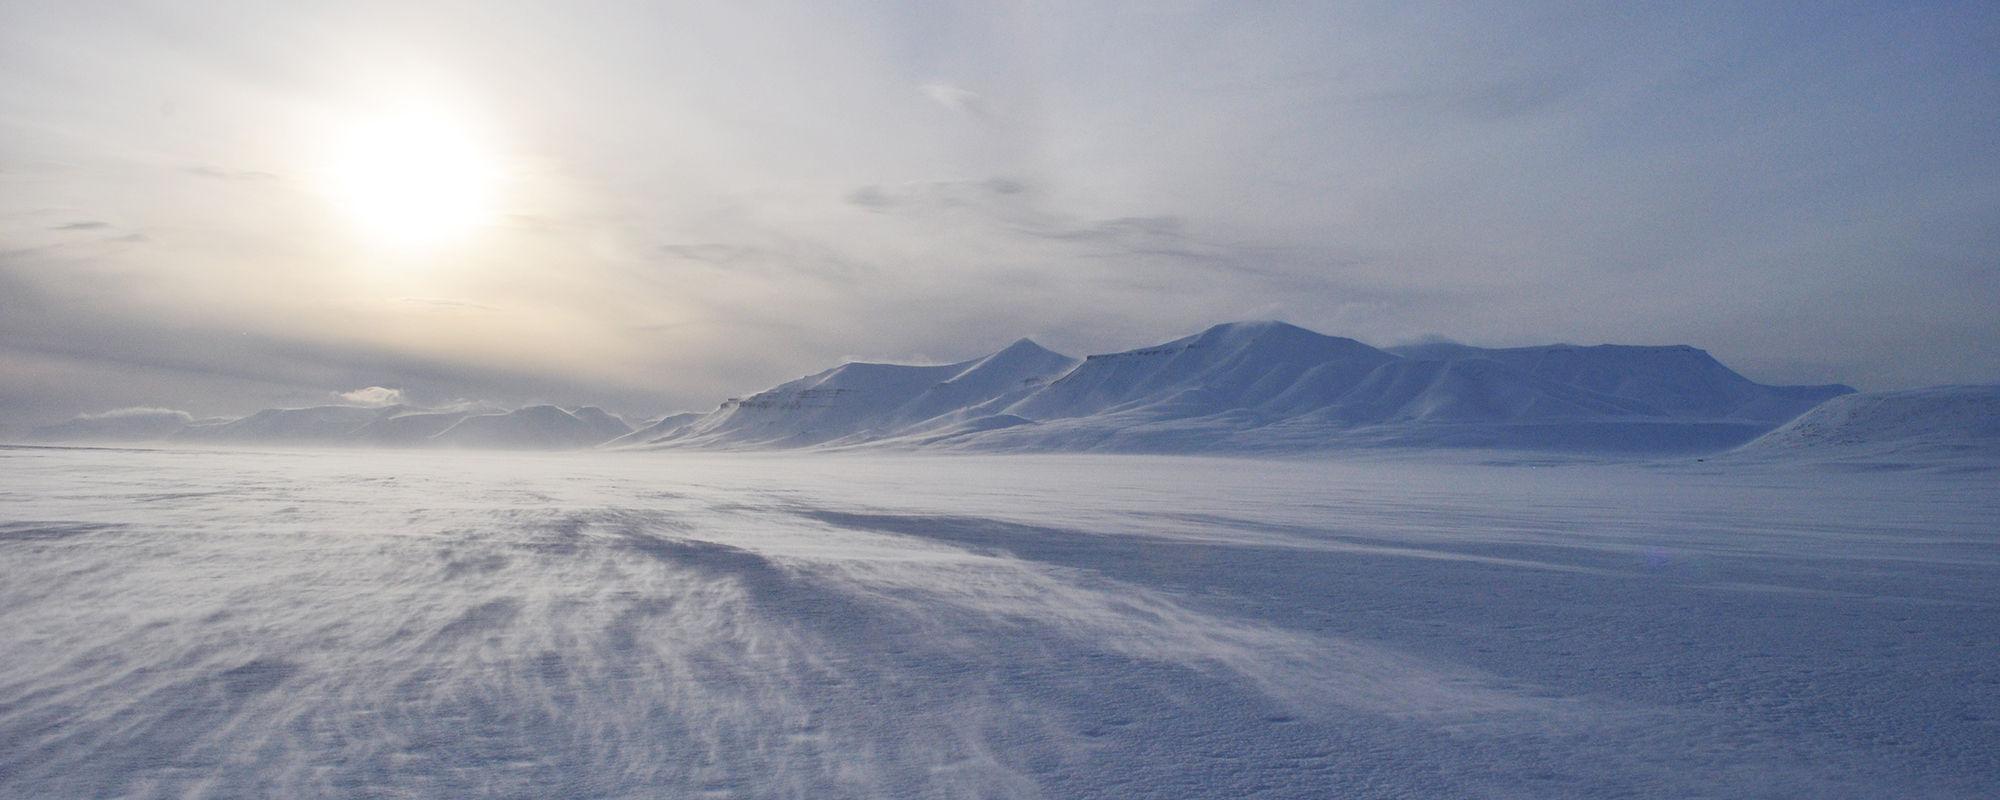 Reindalen, Spitzbergen